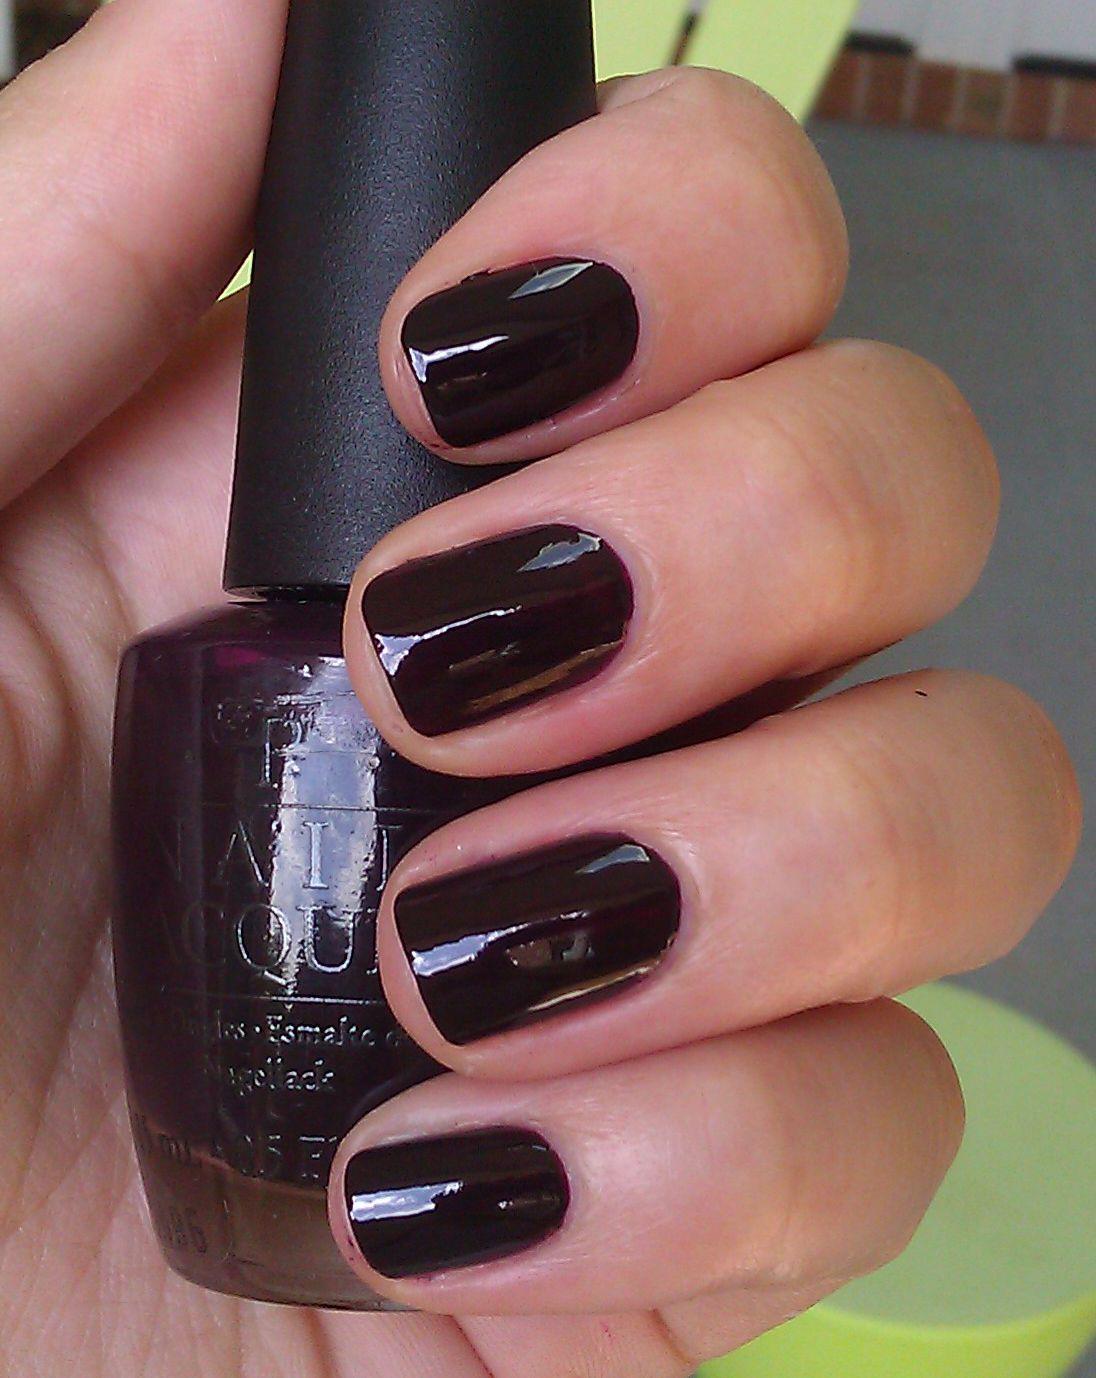 OPI Lincoln Park After Dark | Swap List | Beauty nails, Nail polish ...